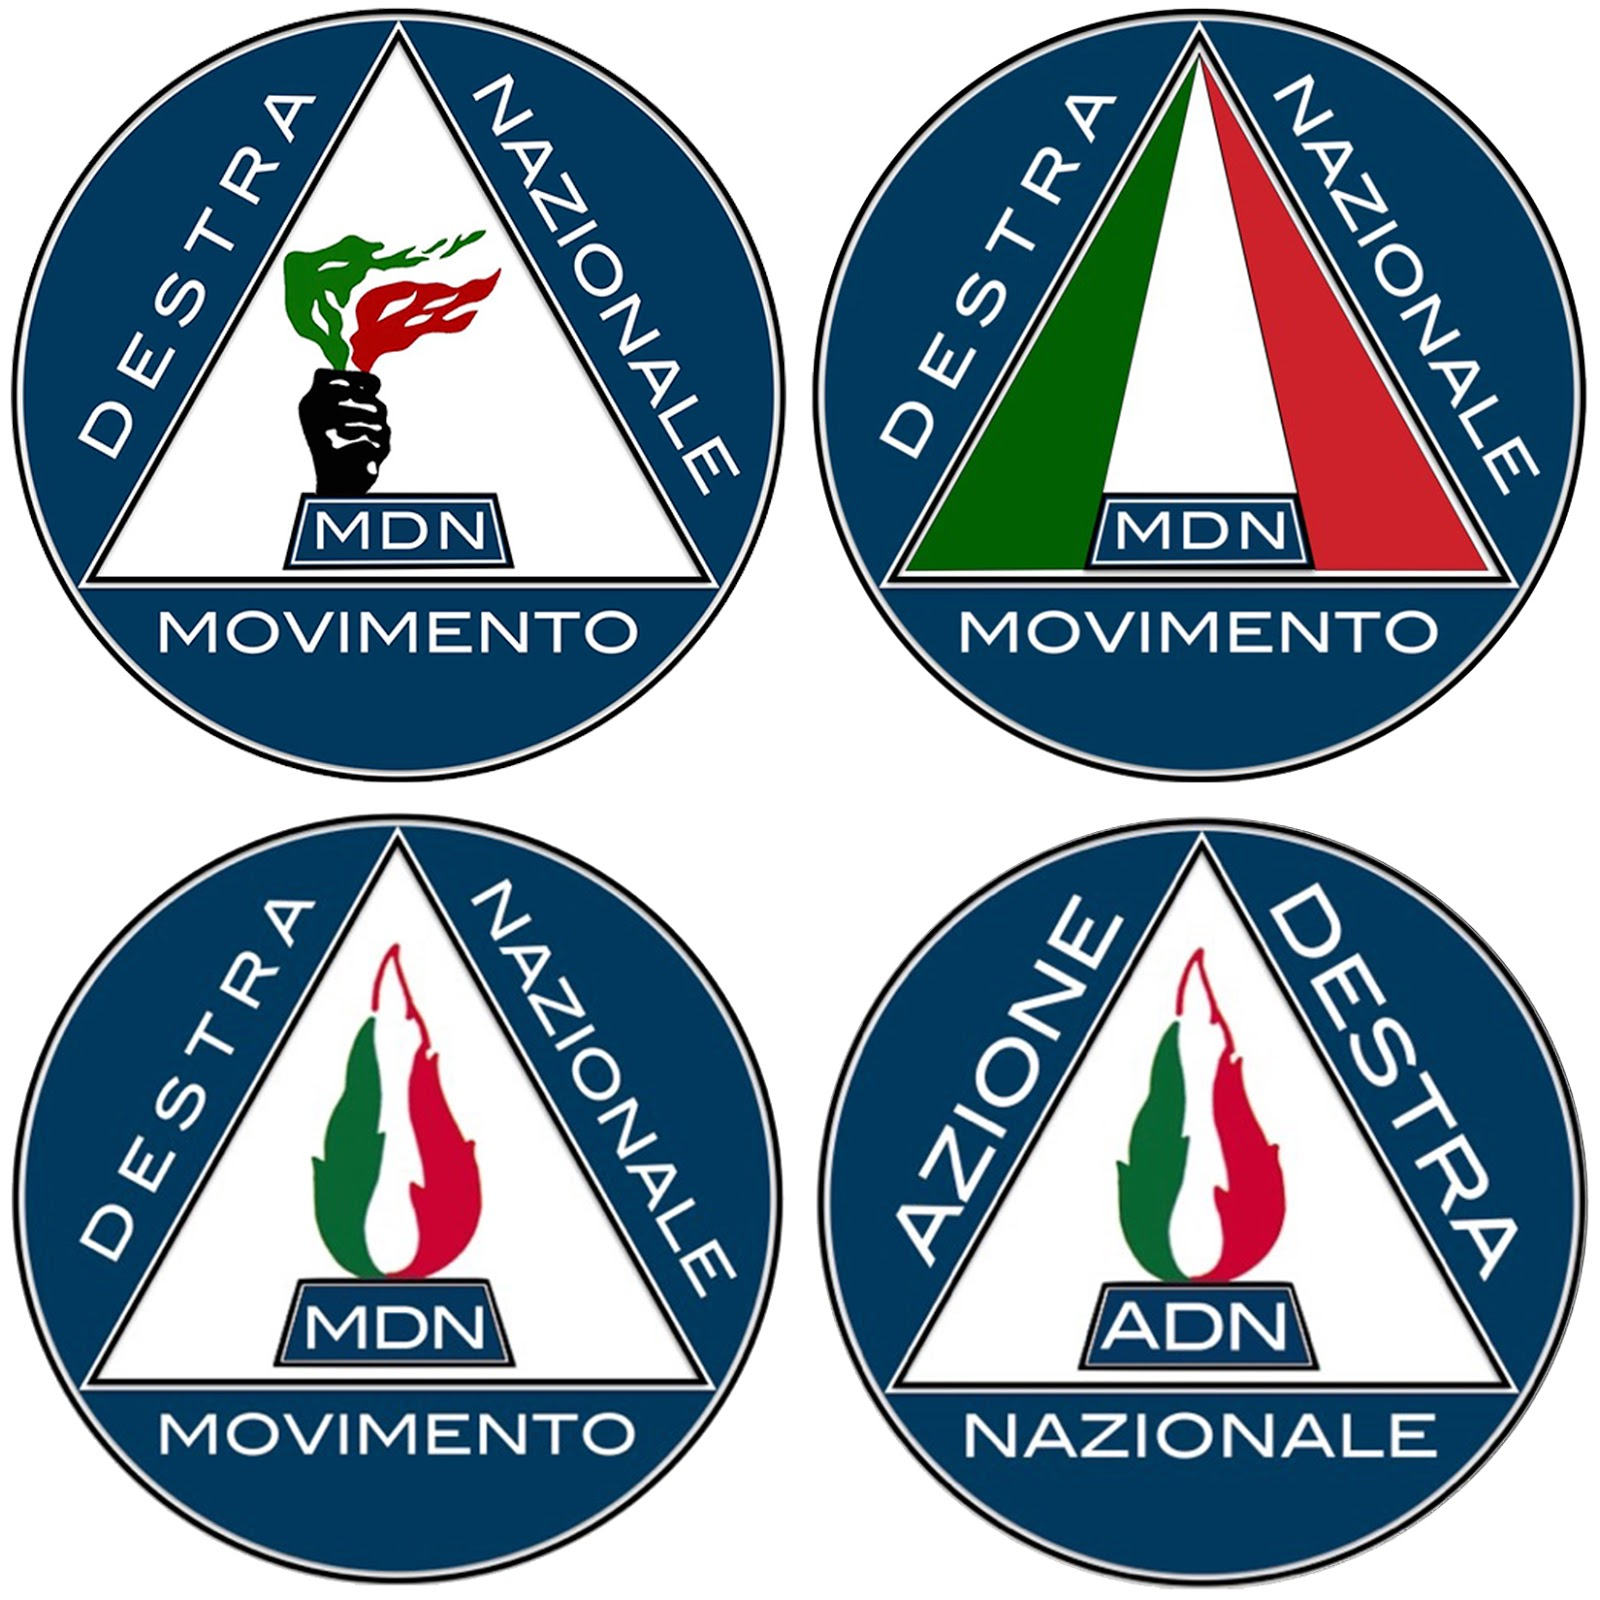 Stemma repubblica italiana da colorare for Stemma della repubblica italiana da colorare